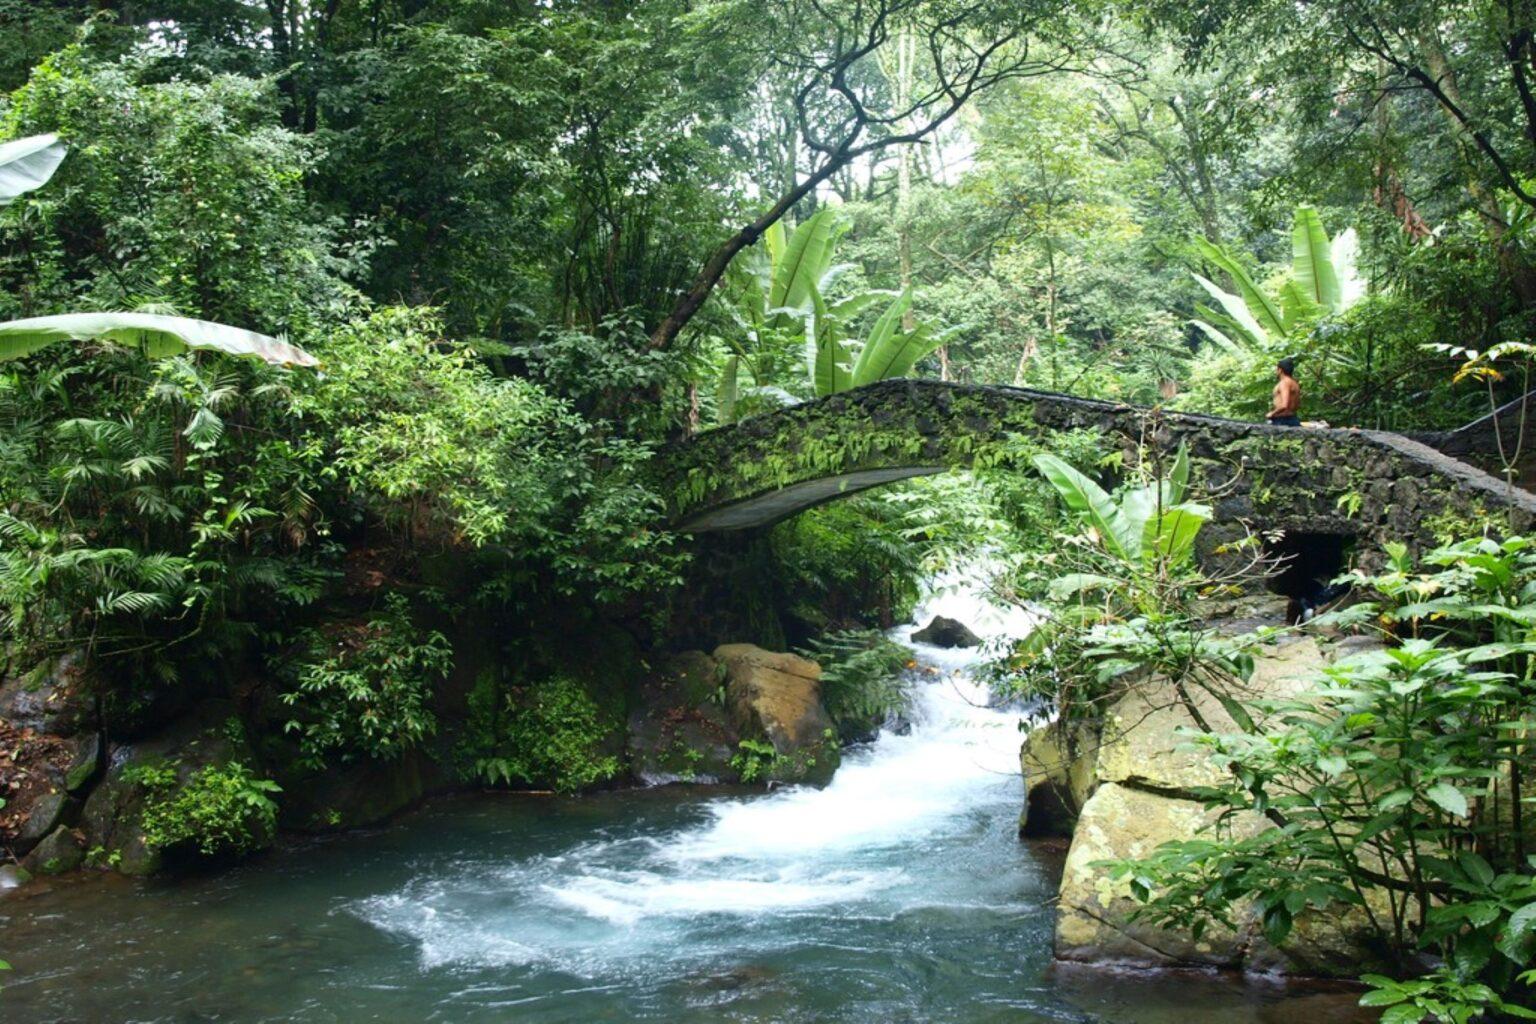 Opinión: Una recuperación verde para AL tras la pandemia (El Universal)